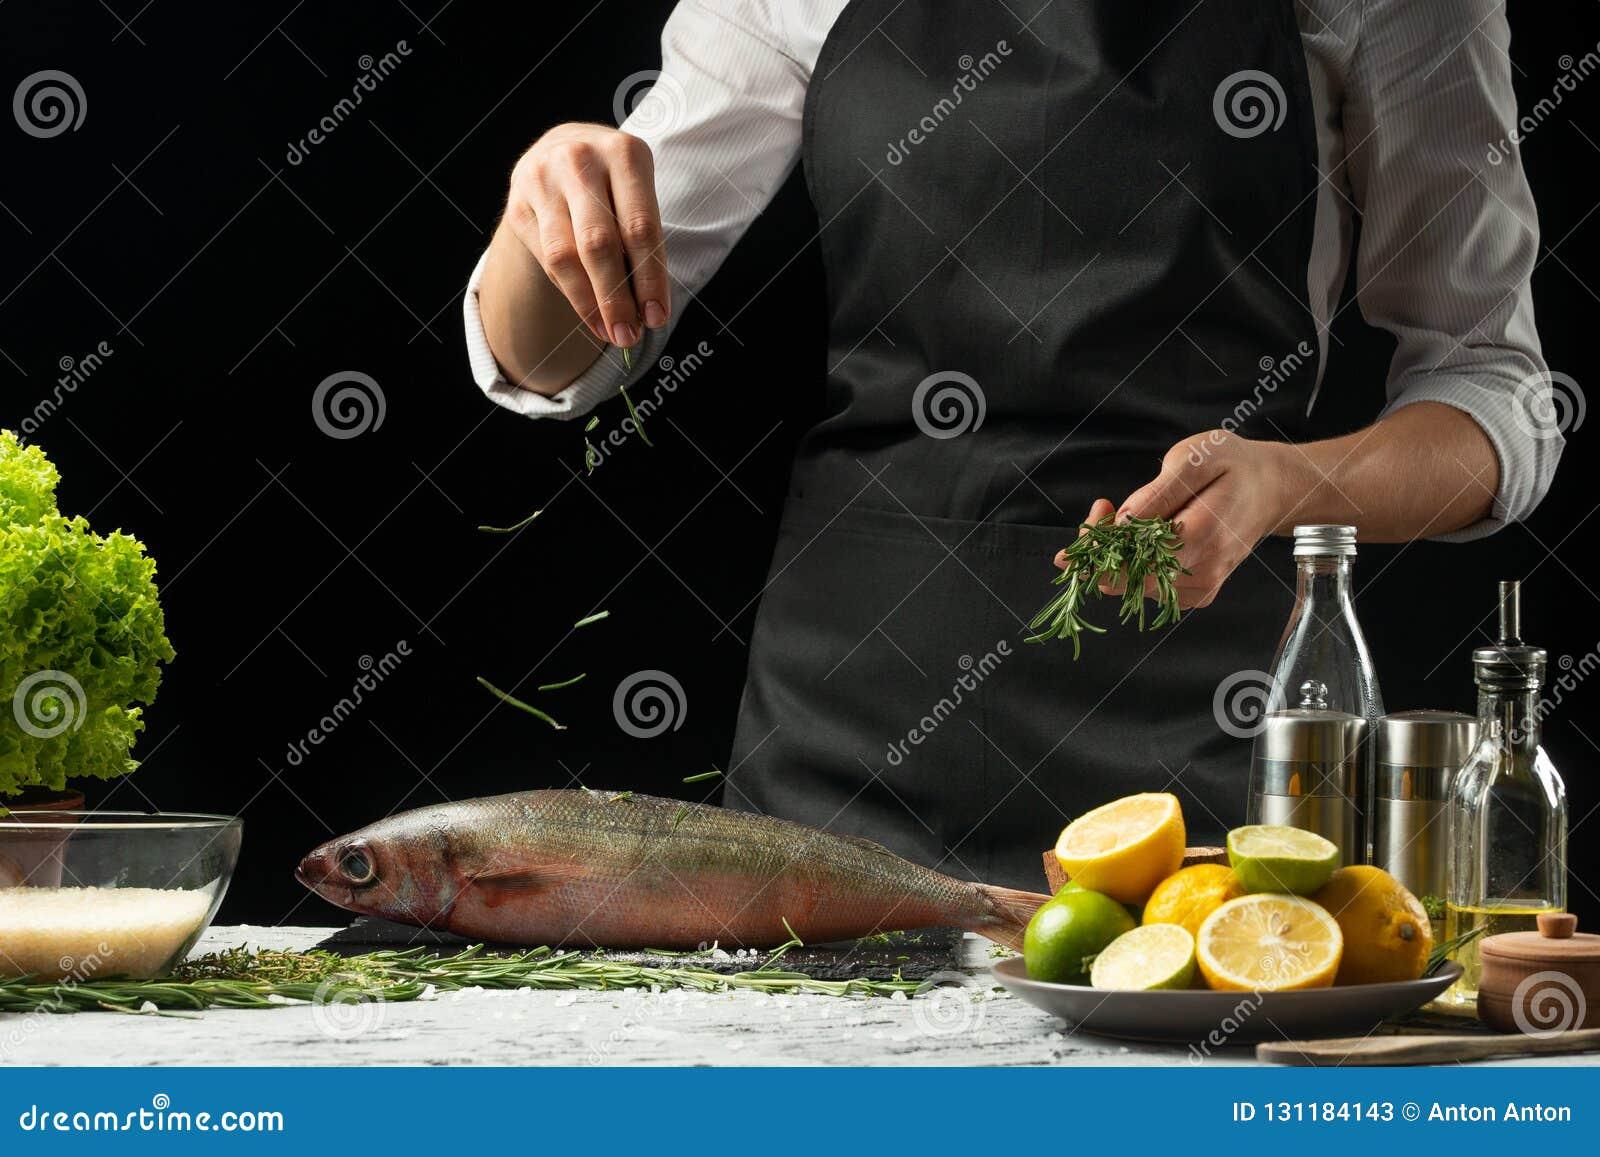 Laga mat chefen av ny fisk, strilar kocken den krydda fisken på en svart bakgrund med citroner, limefrukter, rosmarin och thym